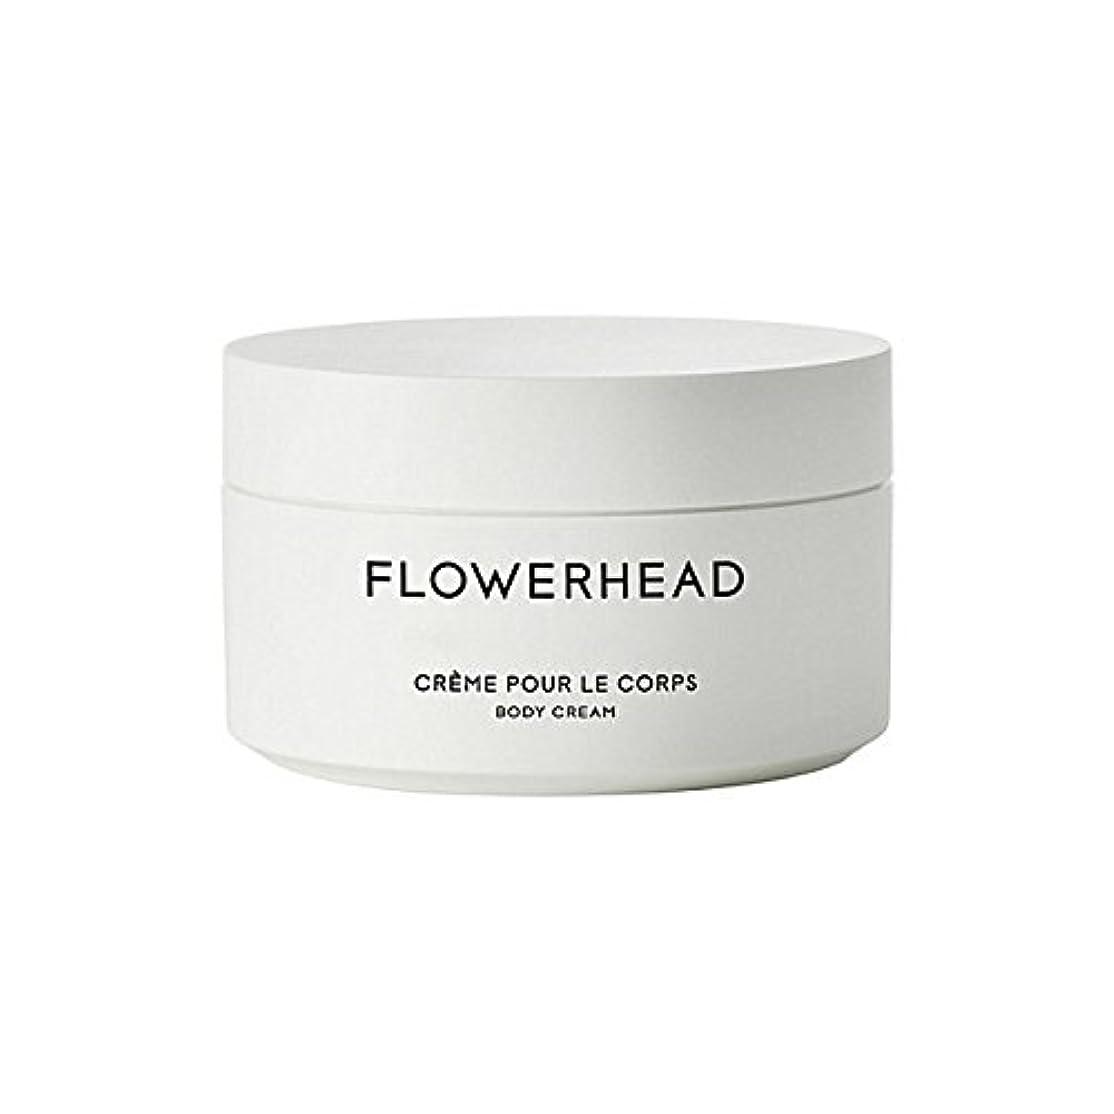 ワーカー最適衝突コースボディクリーム200ミリリットル x4 - Byredo Flowerhead Body Cream 200ml (Pack of 4) [並行輸入品]